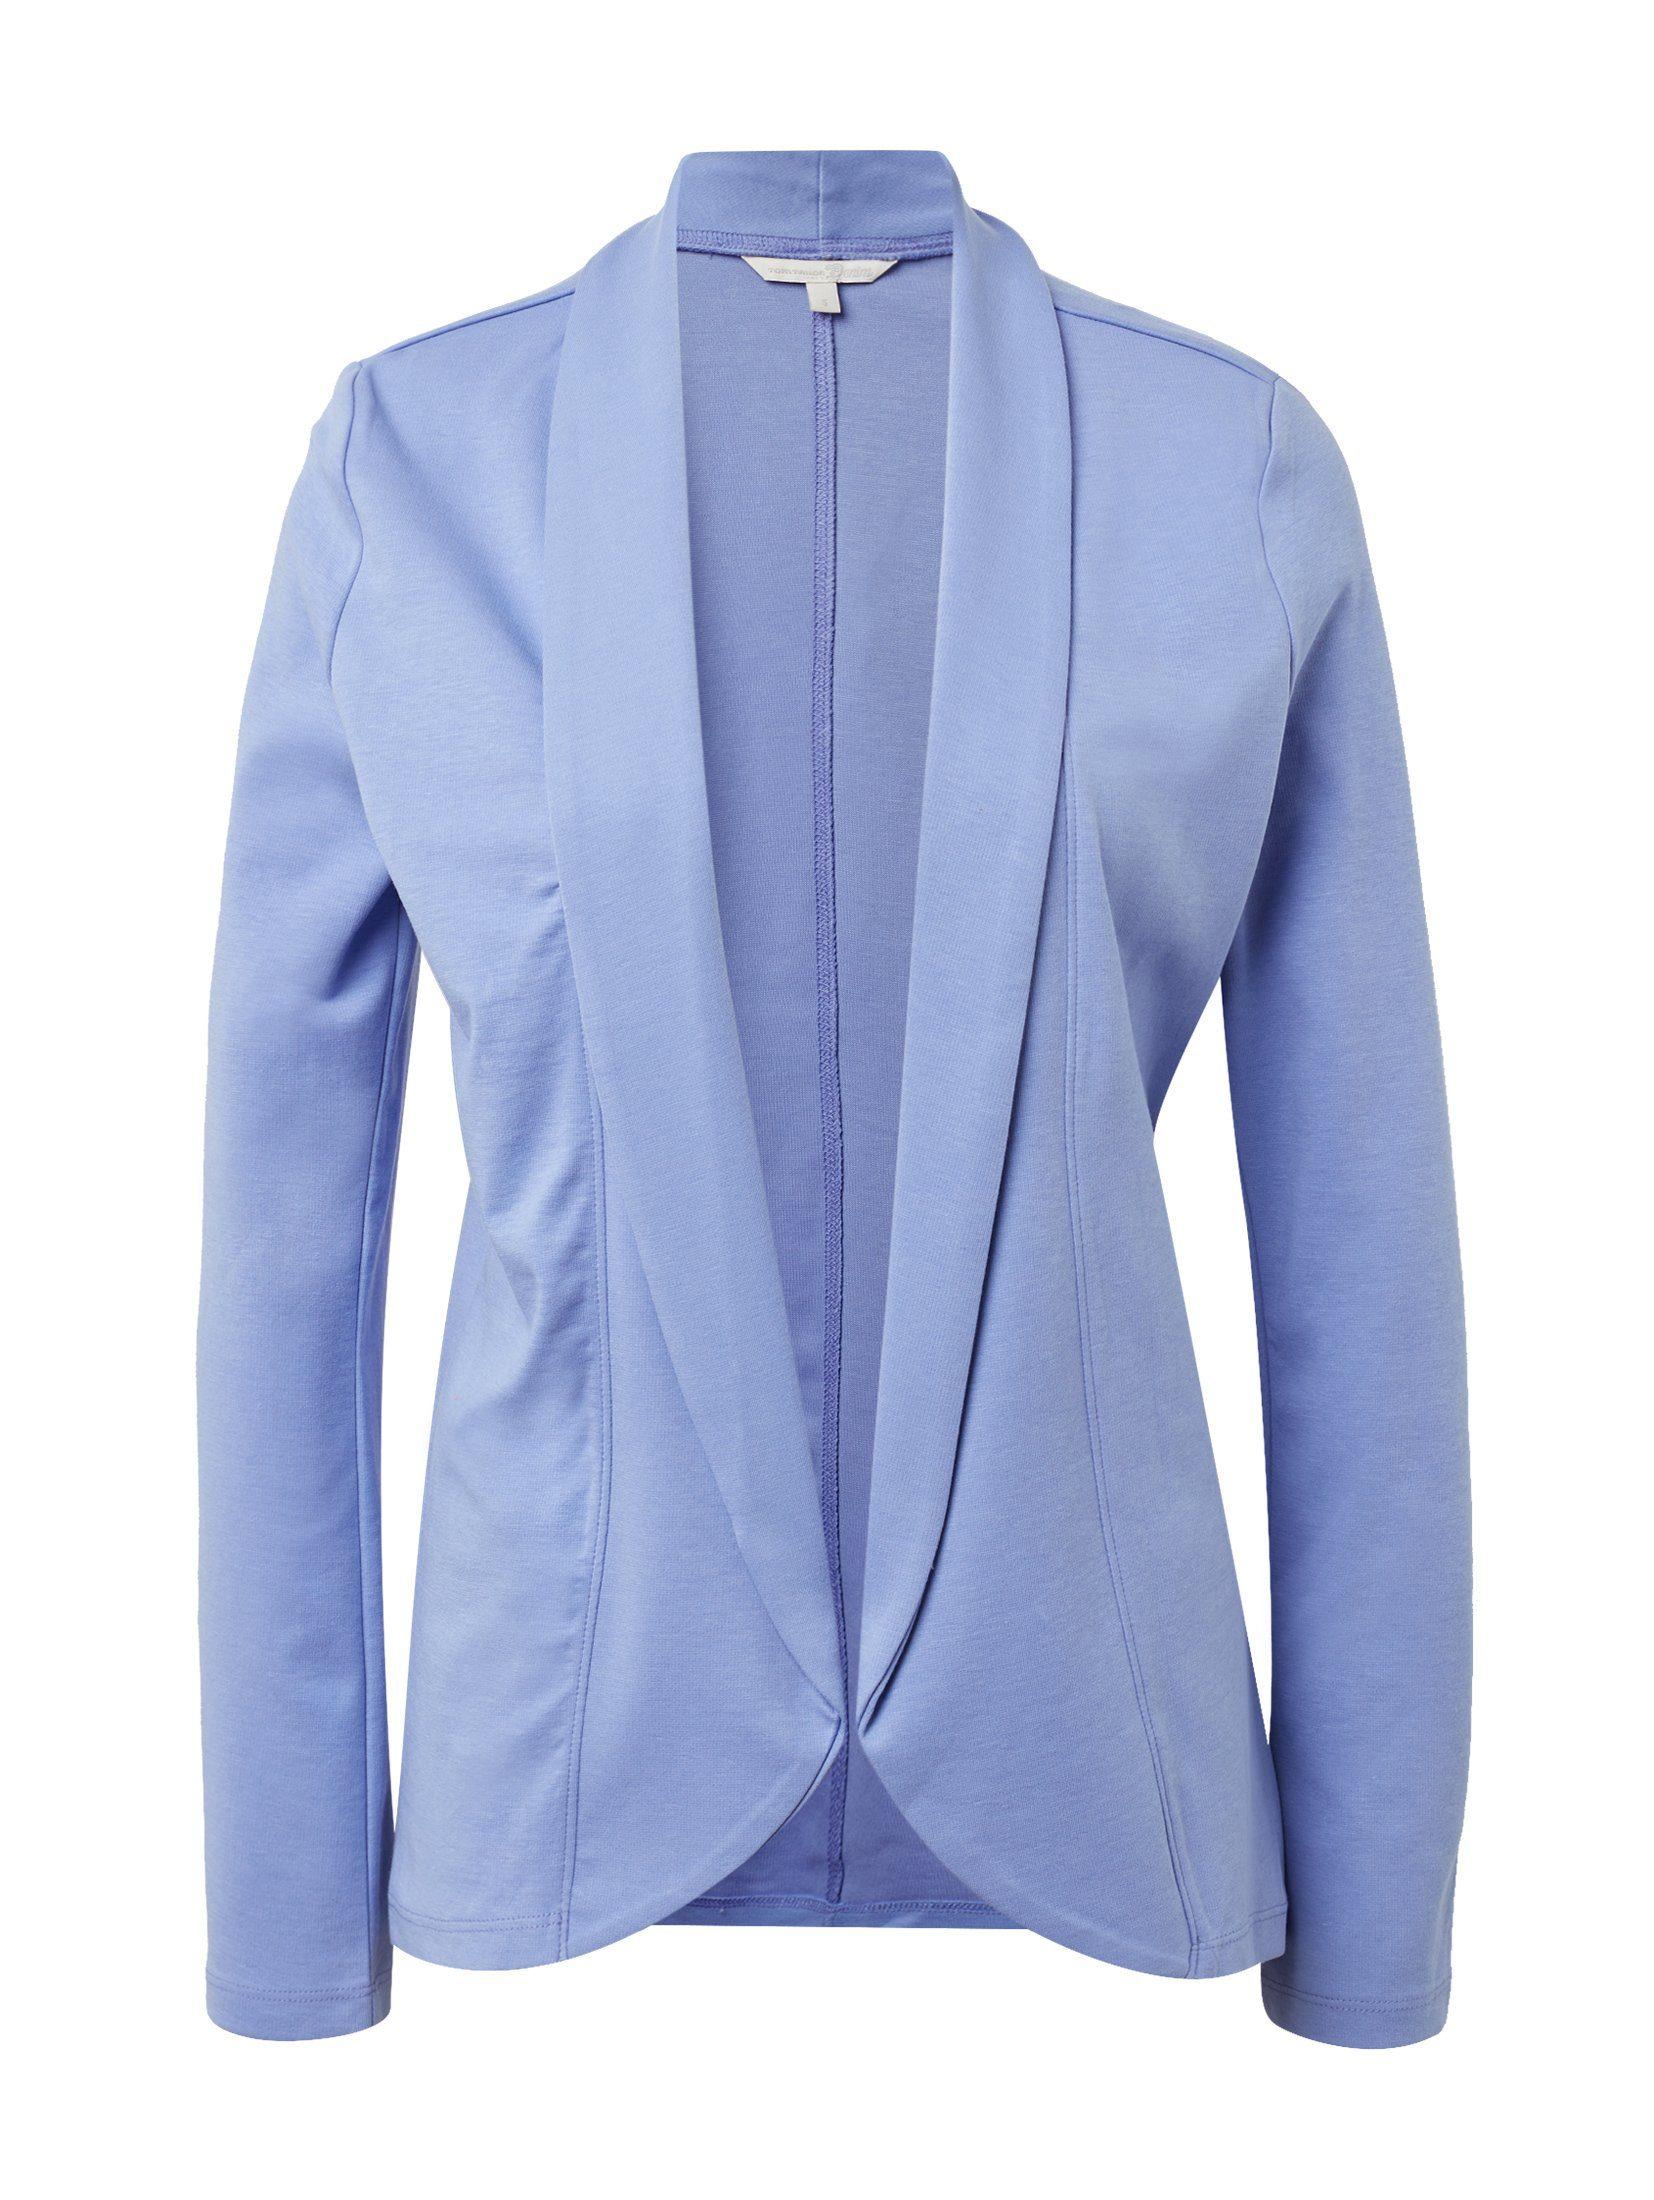 Tom Tailor Denim Sweater Blazer Aus Sweat Online Bestellen - Geweldige Prijs